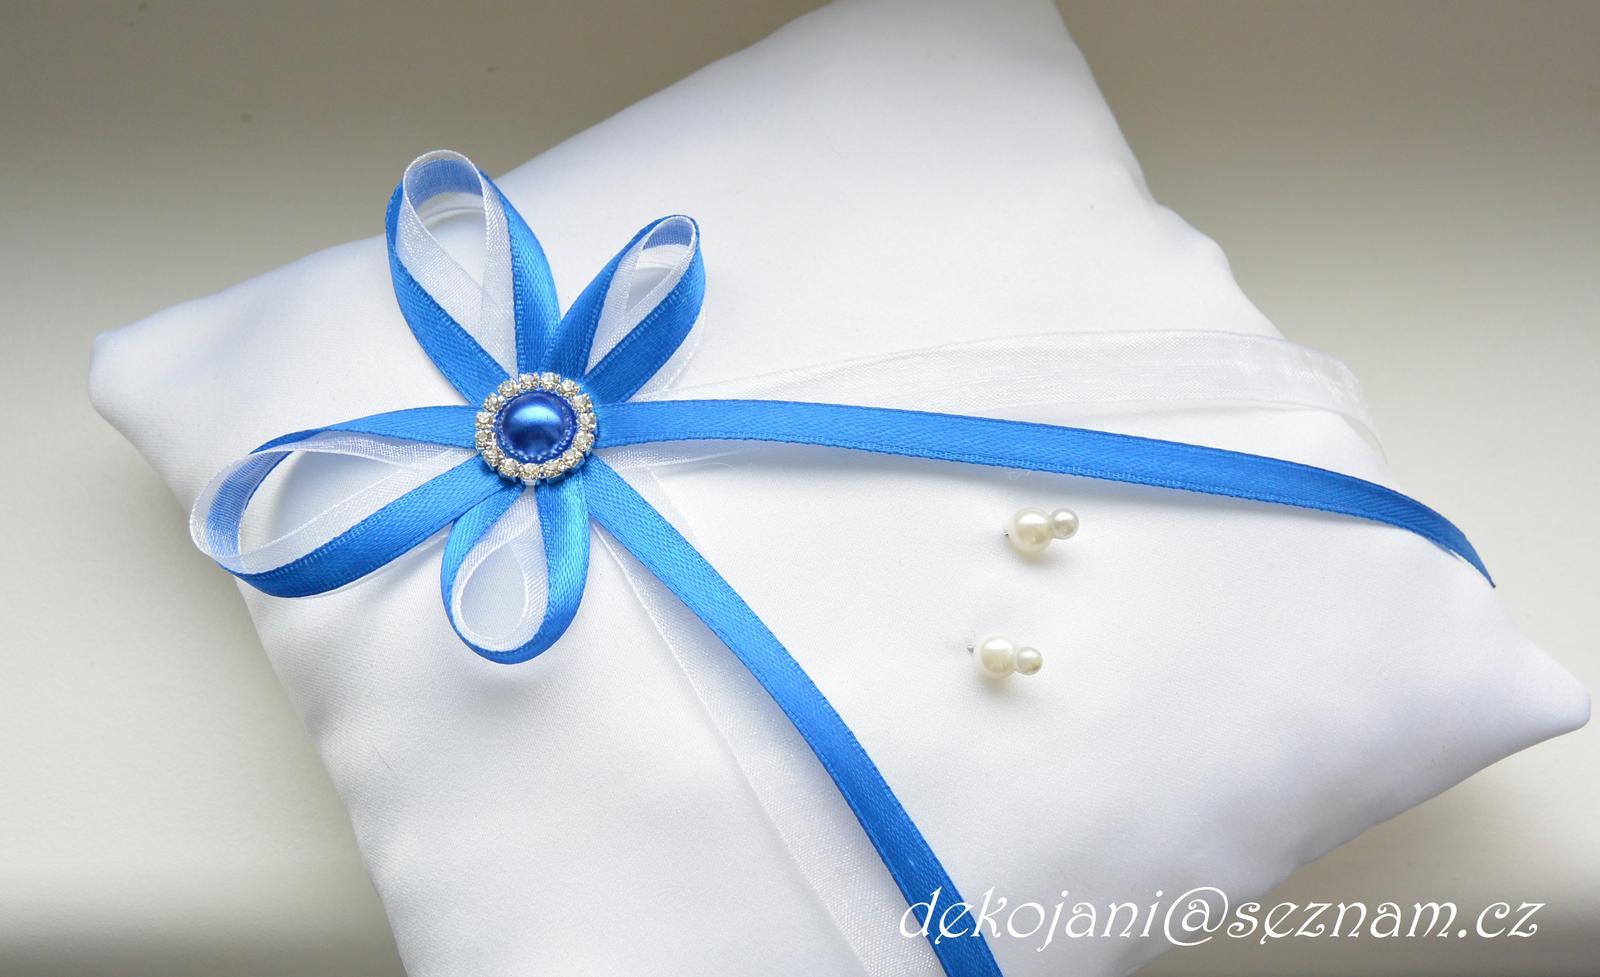 Svatební polštářek s modrou broží - Obrázek č. 1